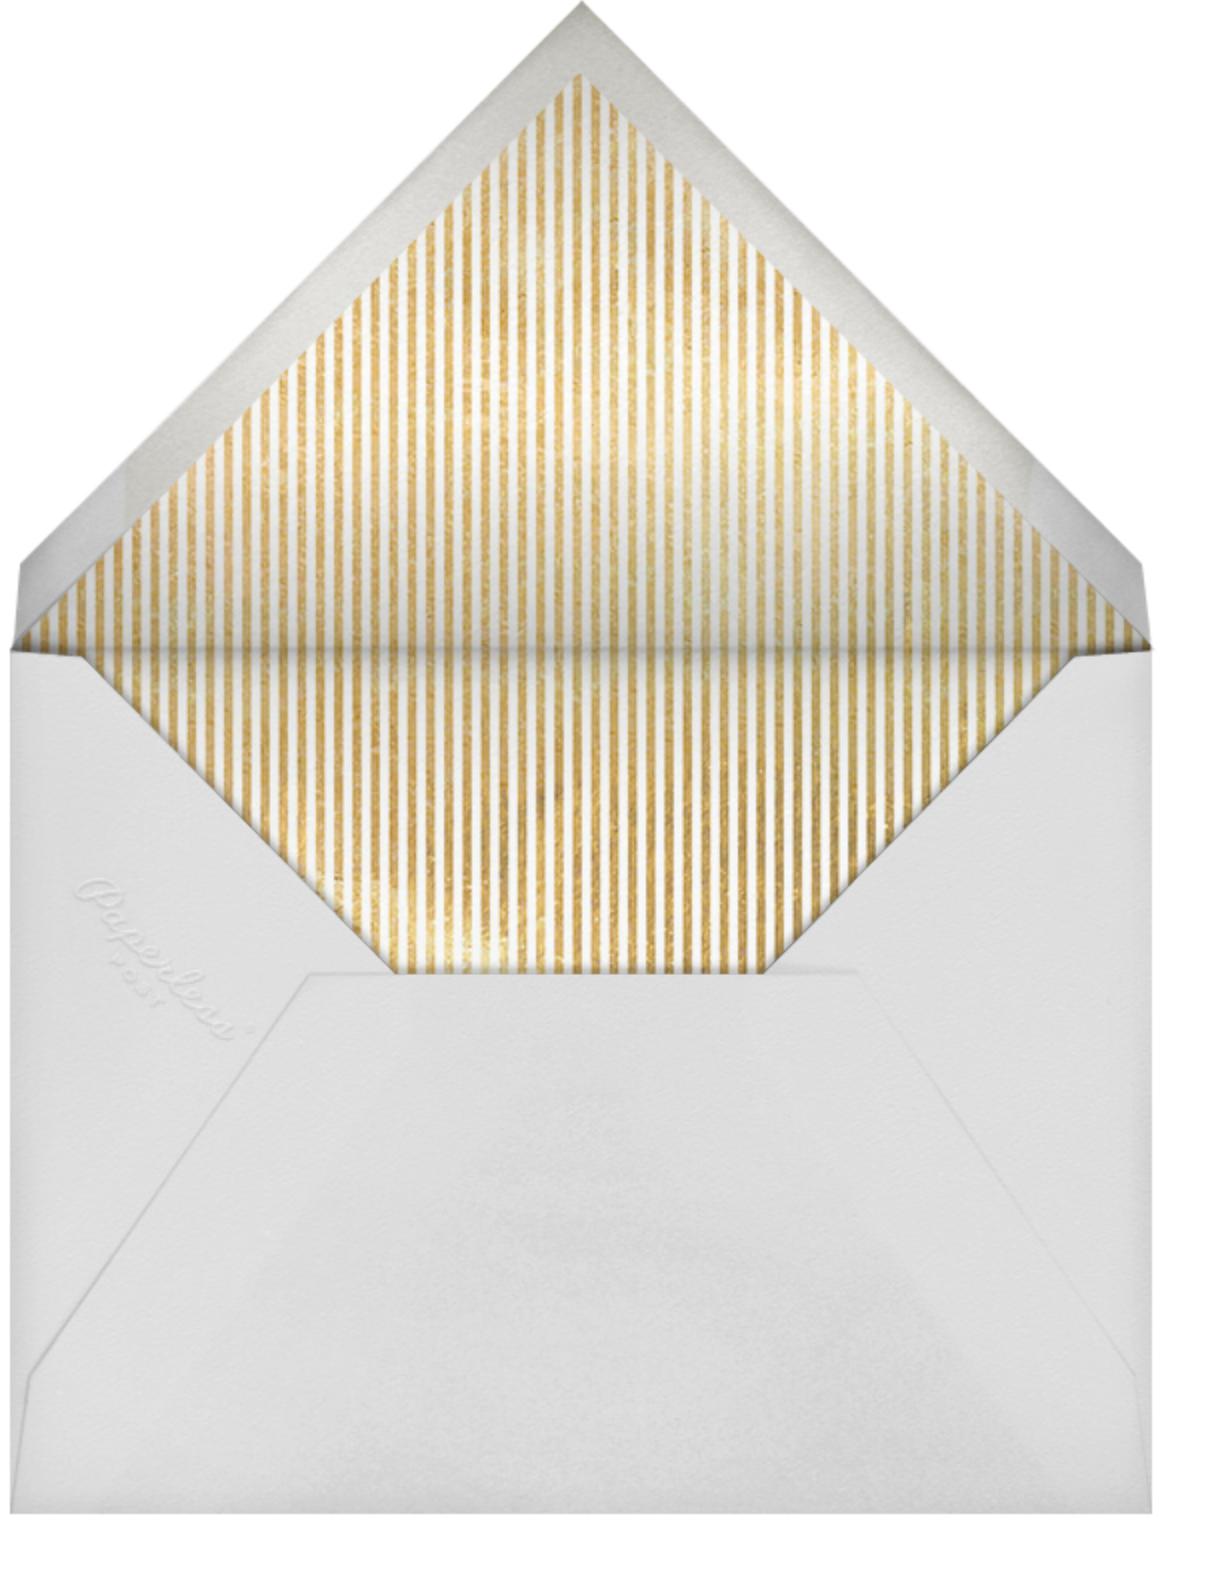 Milestone Dots (Twenty-One) - Navy - Sugar Paper - Adult birthday - envelope back